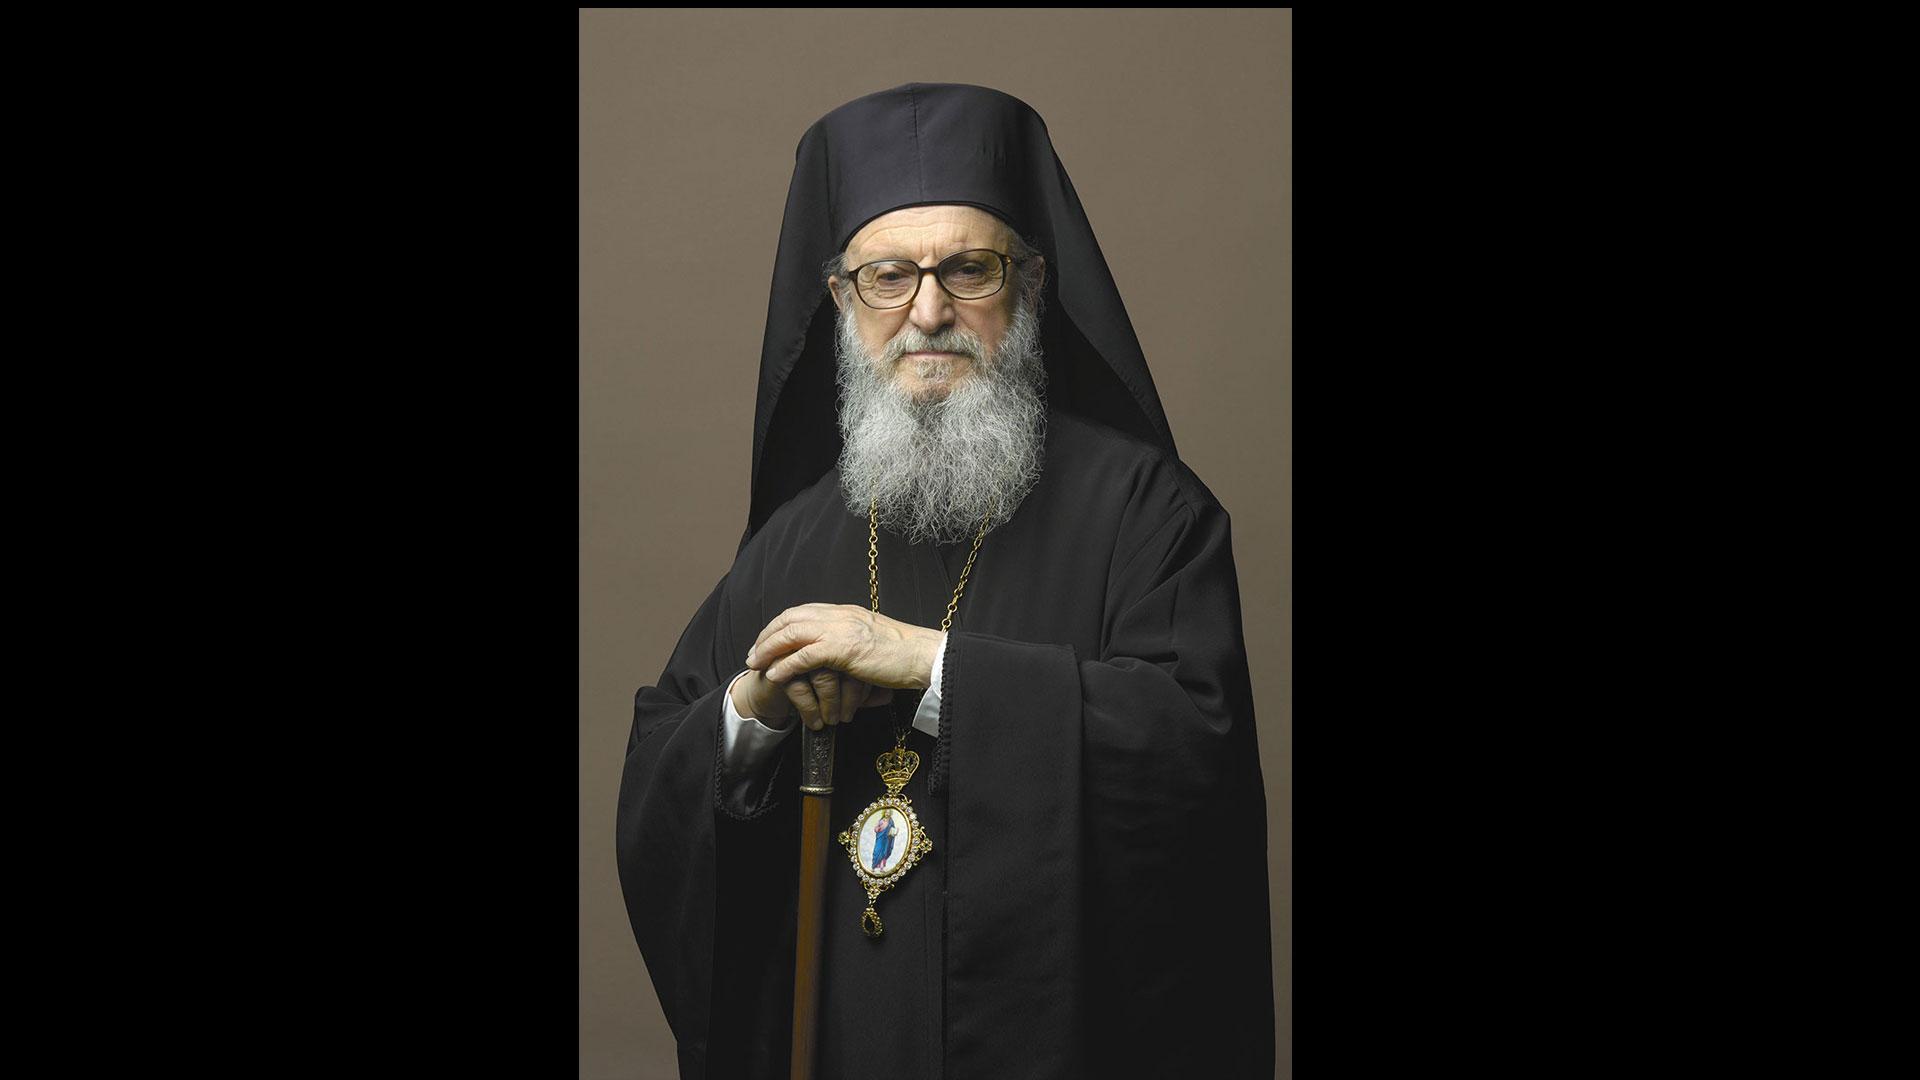 Ο Σεβασμιώτατος Αρχιεπίσκοπος Αμερικής κ. Δημήτριος απευθύνει εκ μέρους της Ομογένειας της Αμερικής εορταστικό μήνυμα και ευχές για τα Χριστούγεννα και το Νέο Έτος